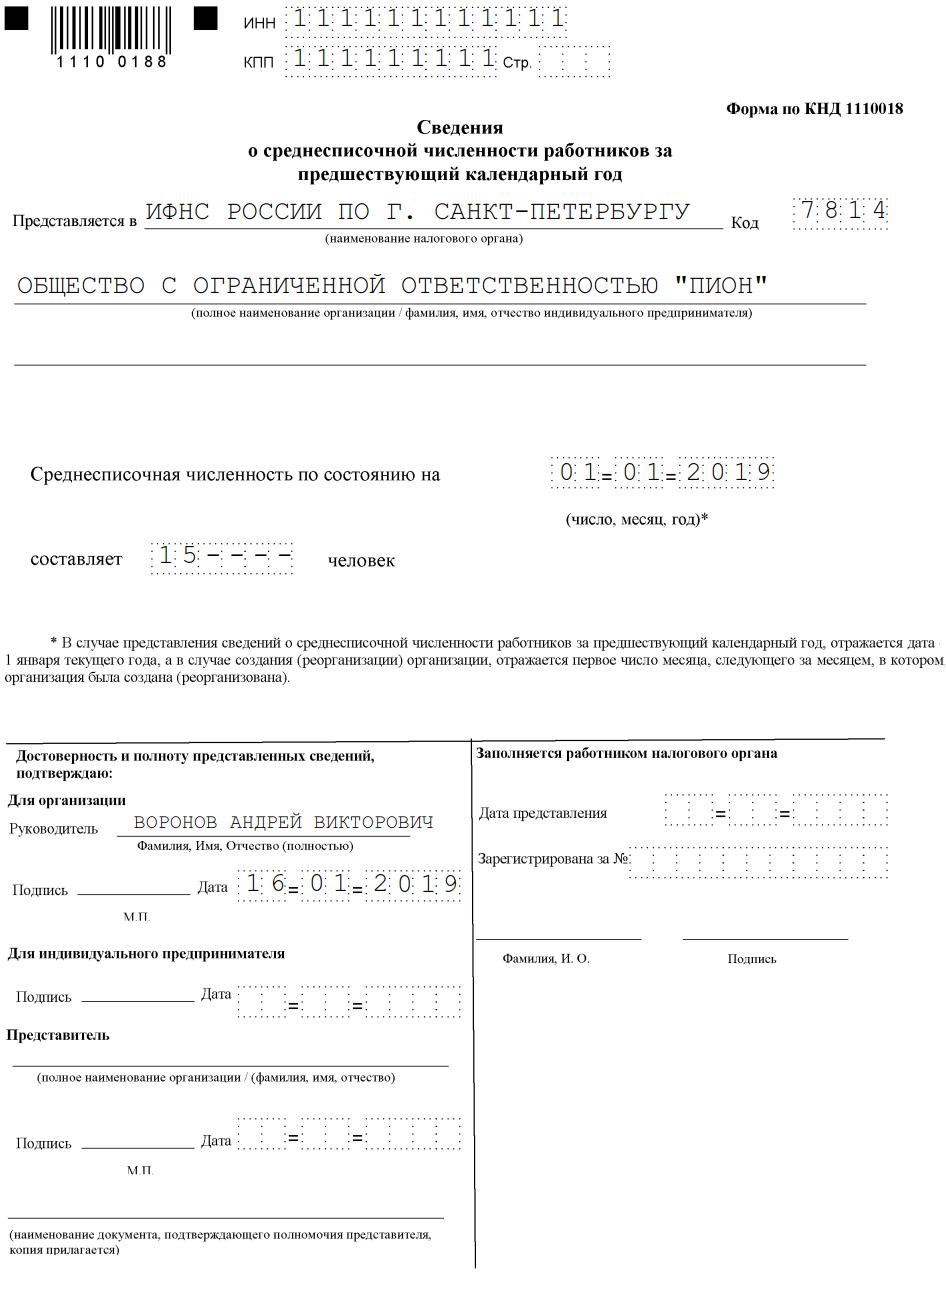 Как сделать регистрацию иностранца через госуслуги